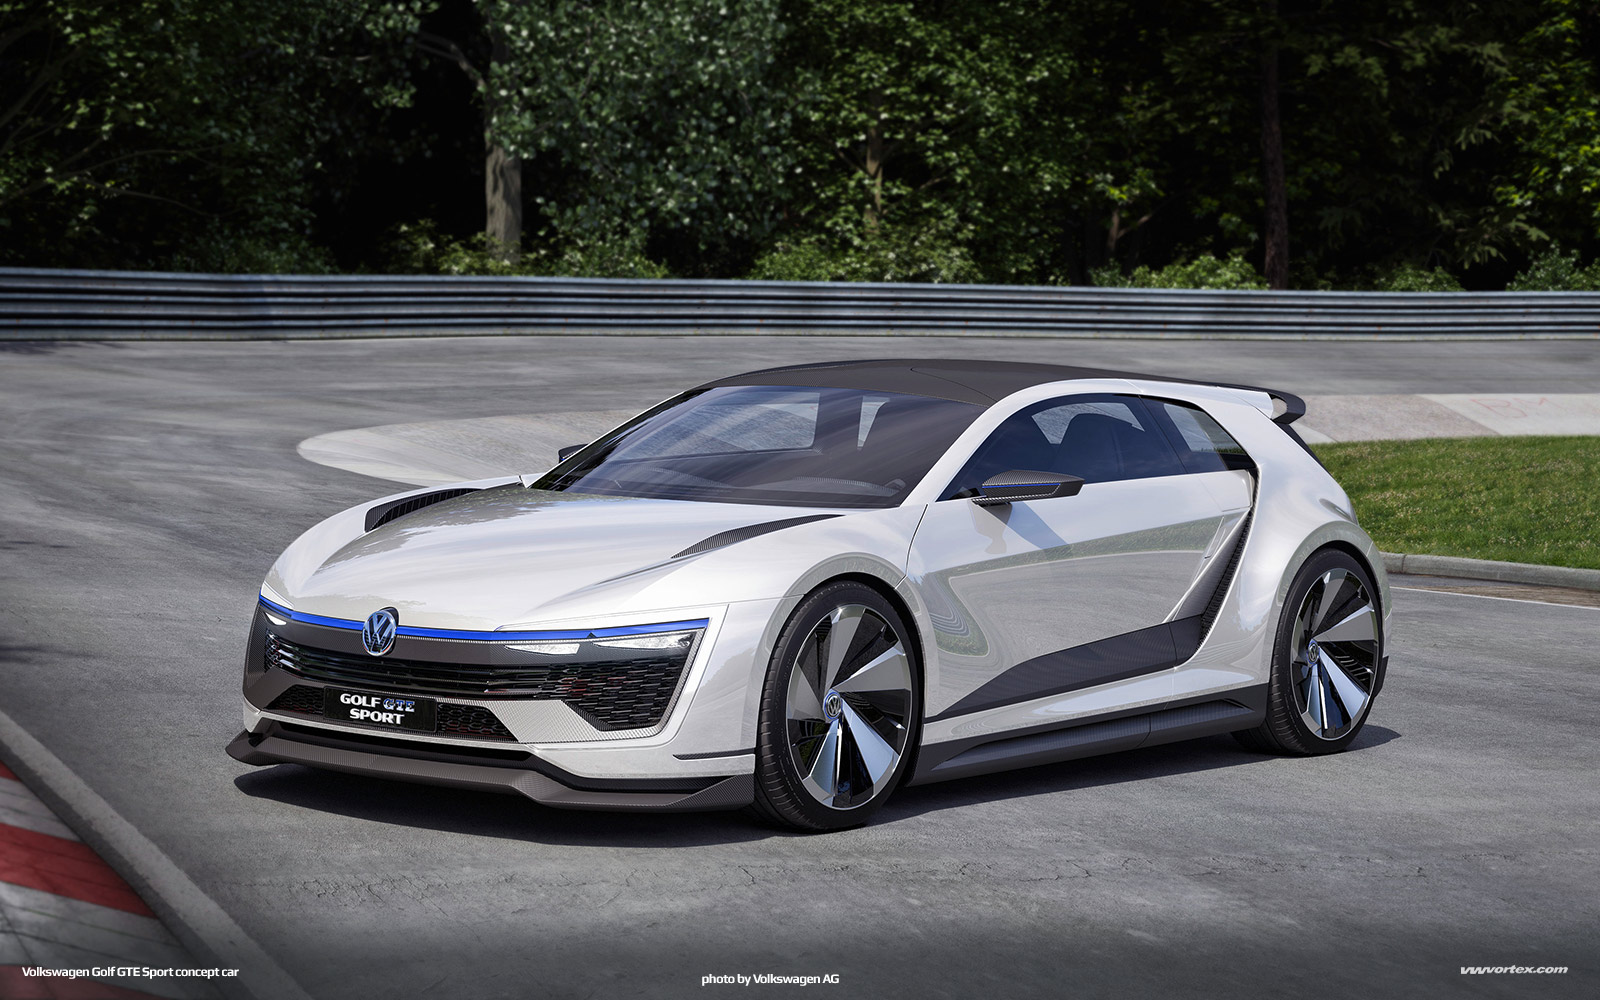 Volkswagen-Golf-GTE-Sport-concept-921